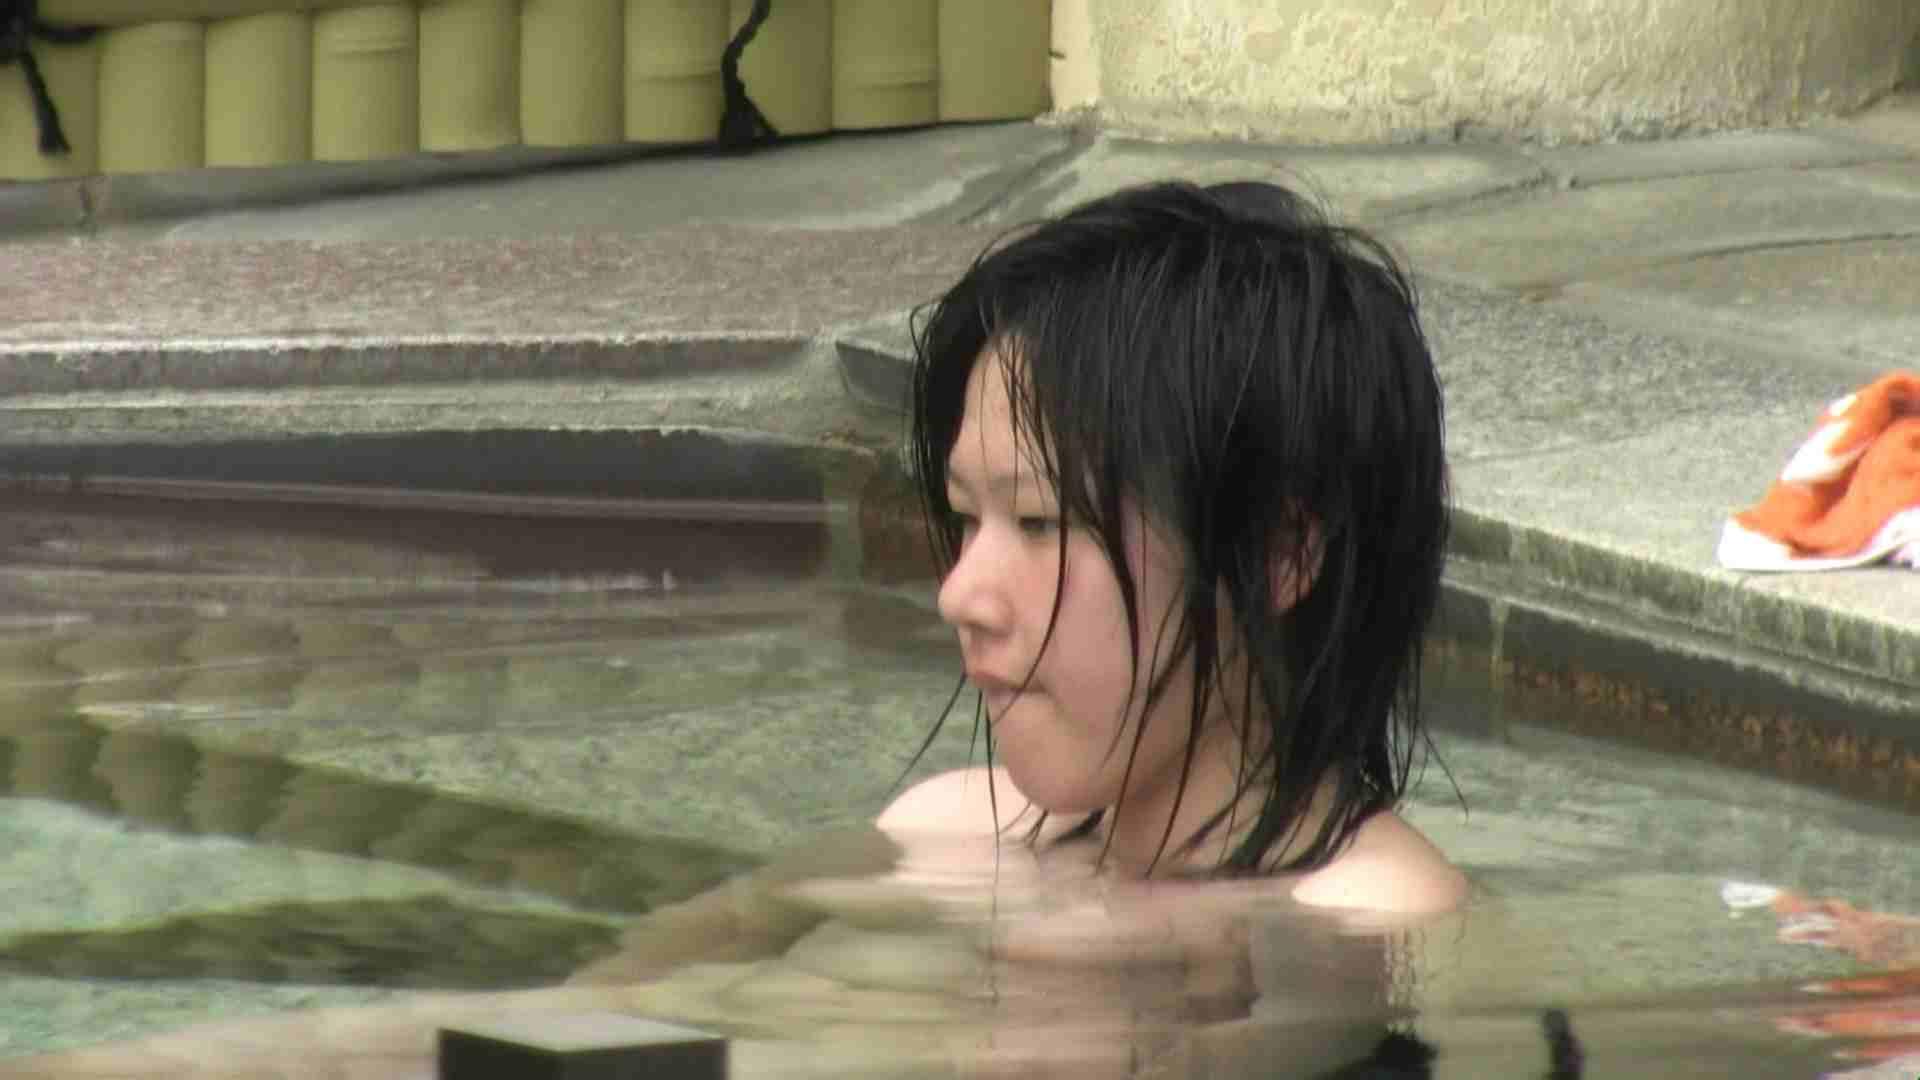 Aquaな露天風呂Vol.36 盗撮シリーズ  99PIX 50